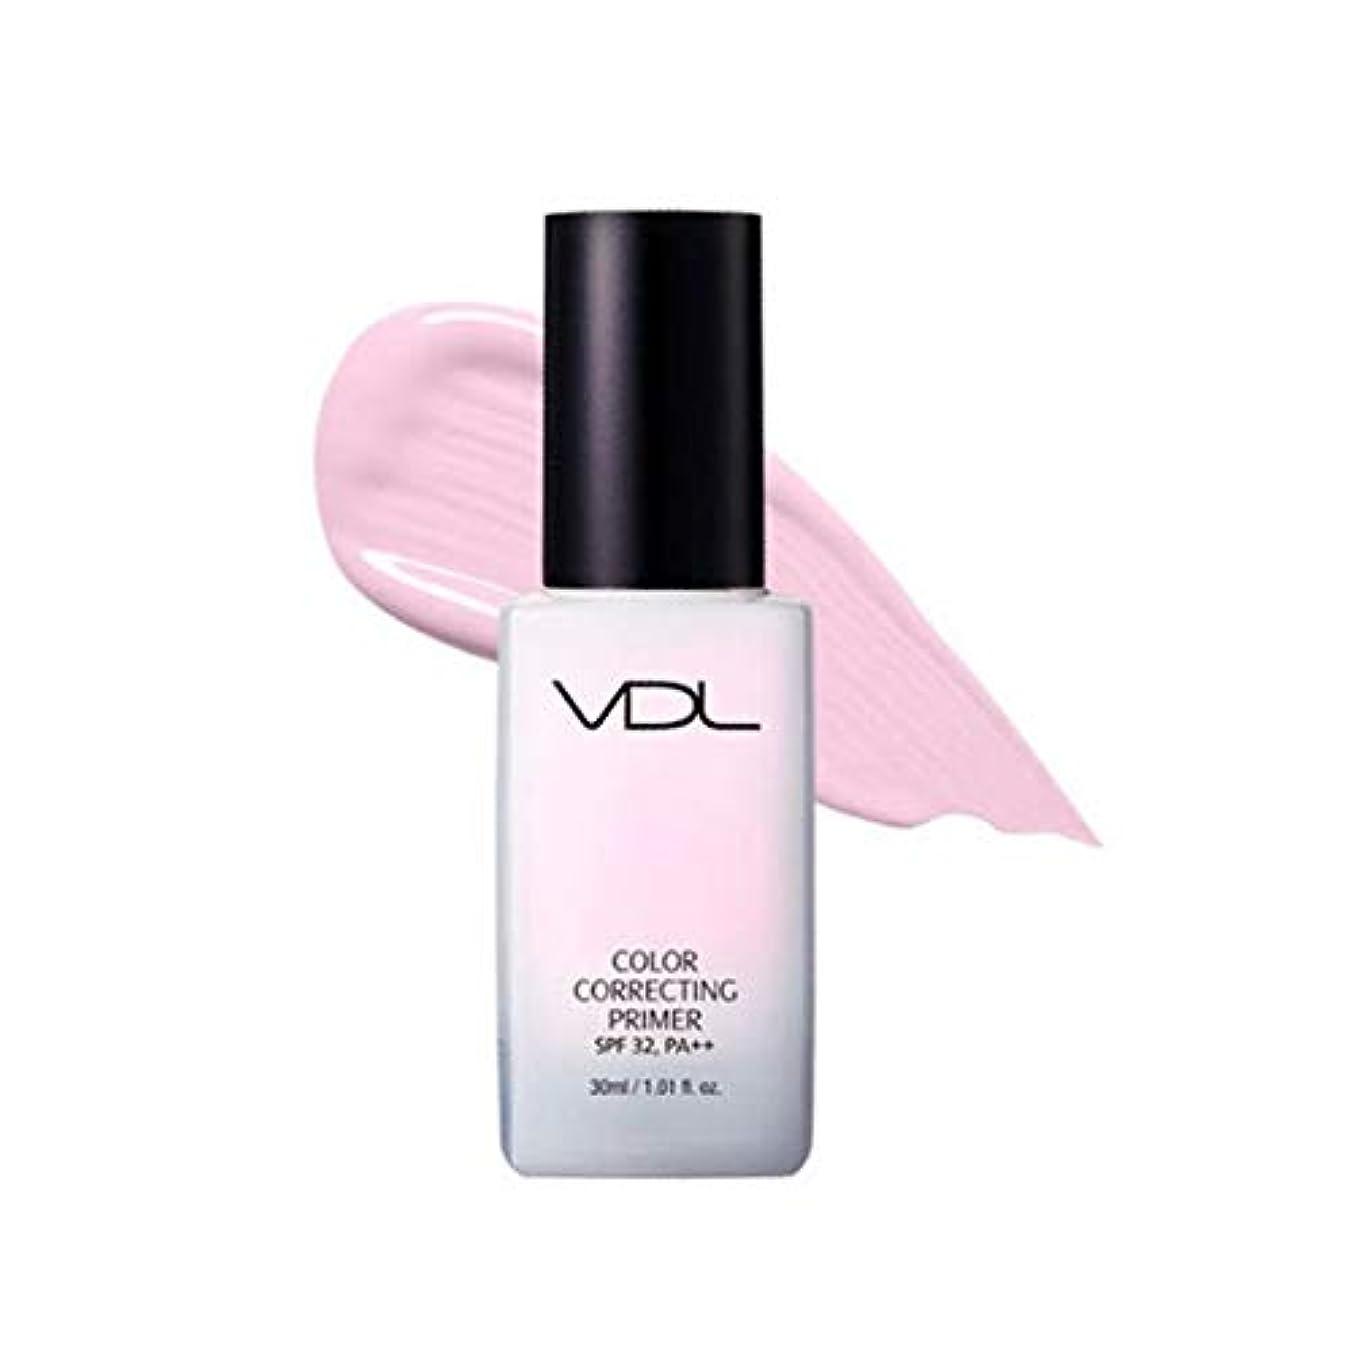 ペチュランスプレビスサイトかもめVDLカラーコレクティンプライマー30ml 3カラーメイクアップベース、VDL Color Correcting Primer 30ml 3-Colors Make-up Base [並行輸入品] (Lavender)